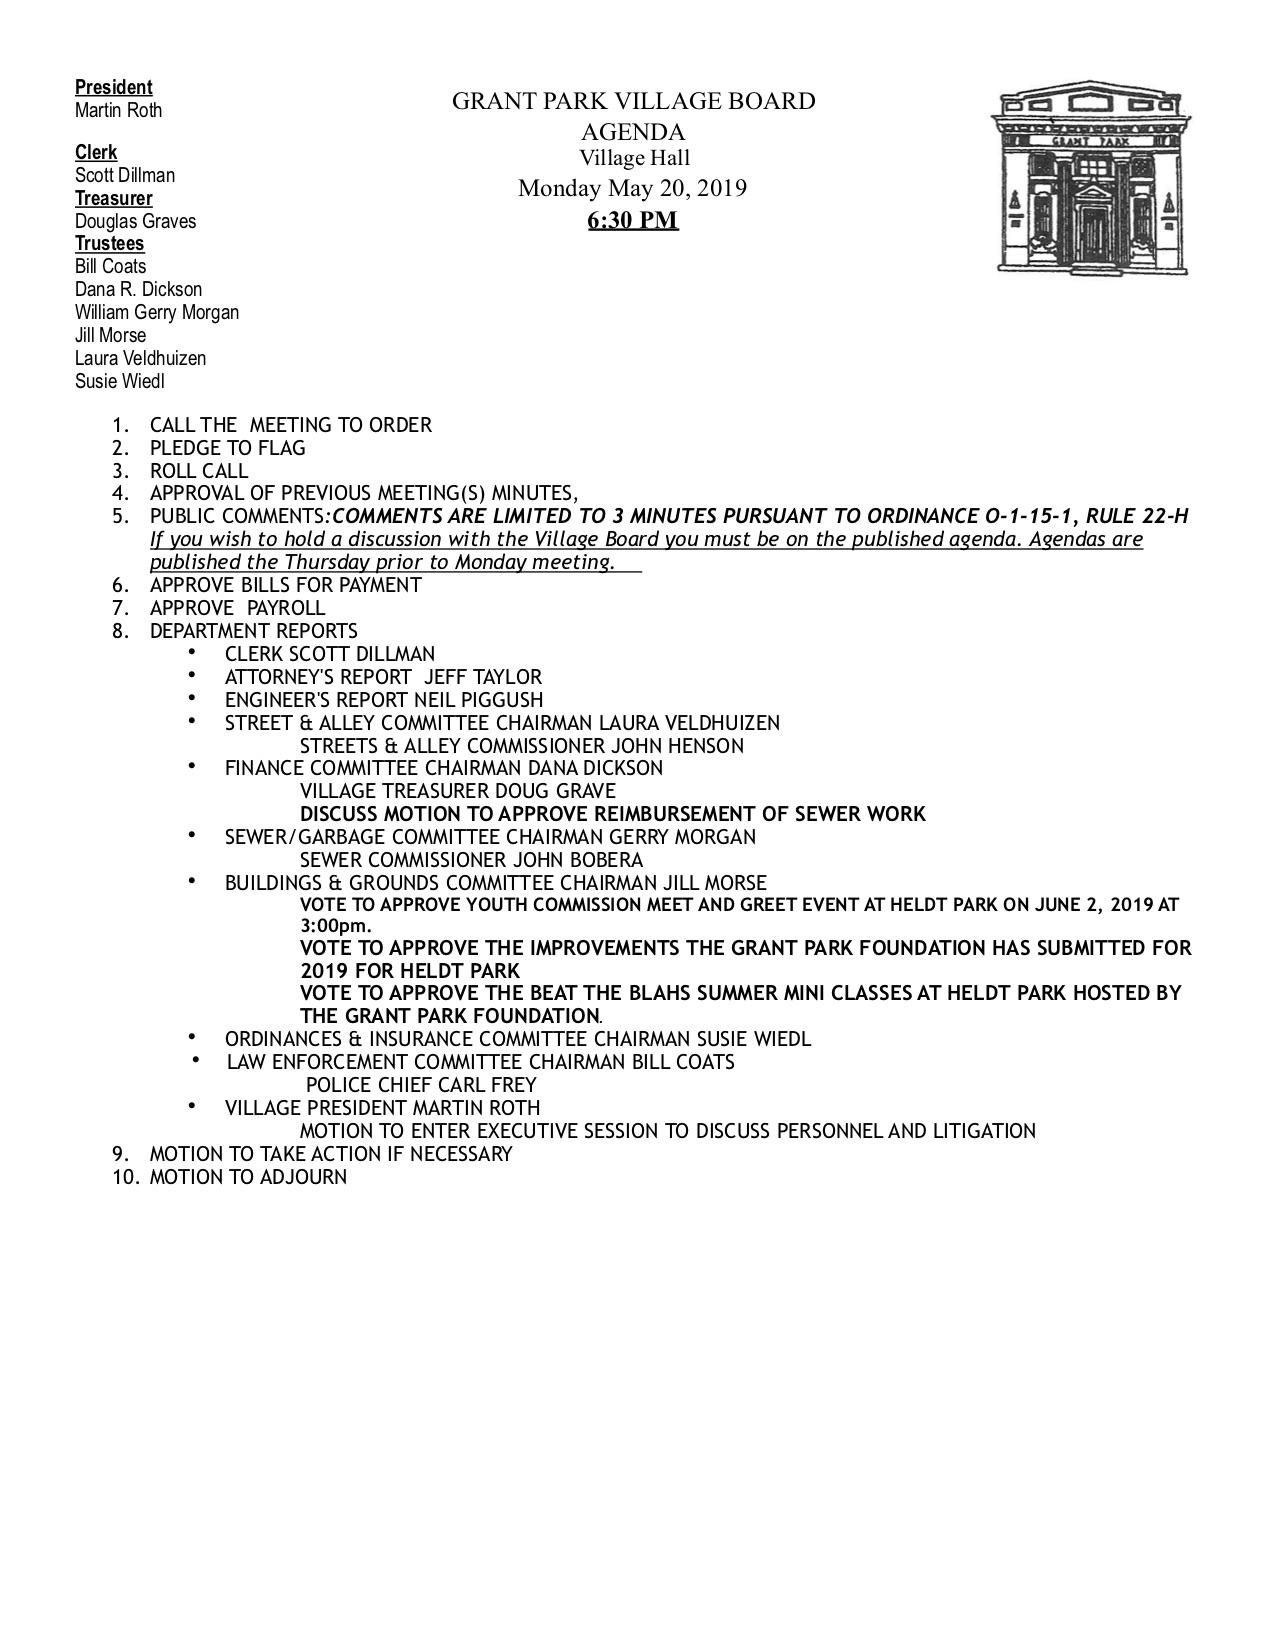 agenda 52019.jpg